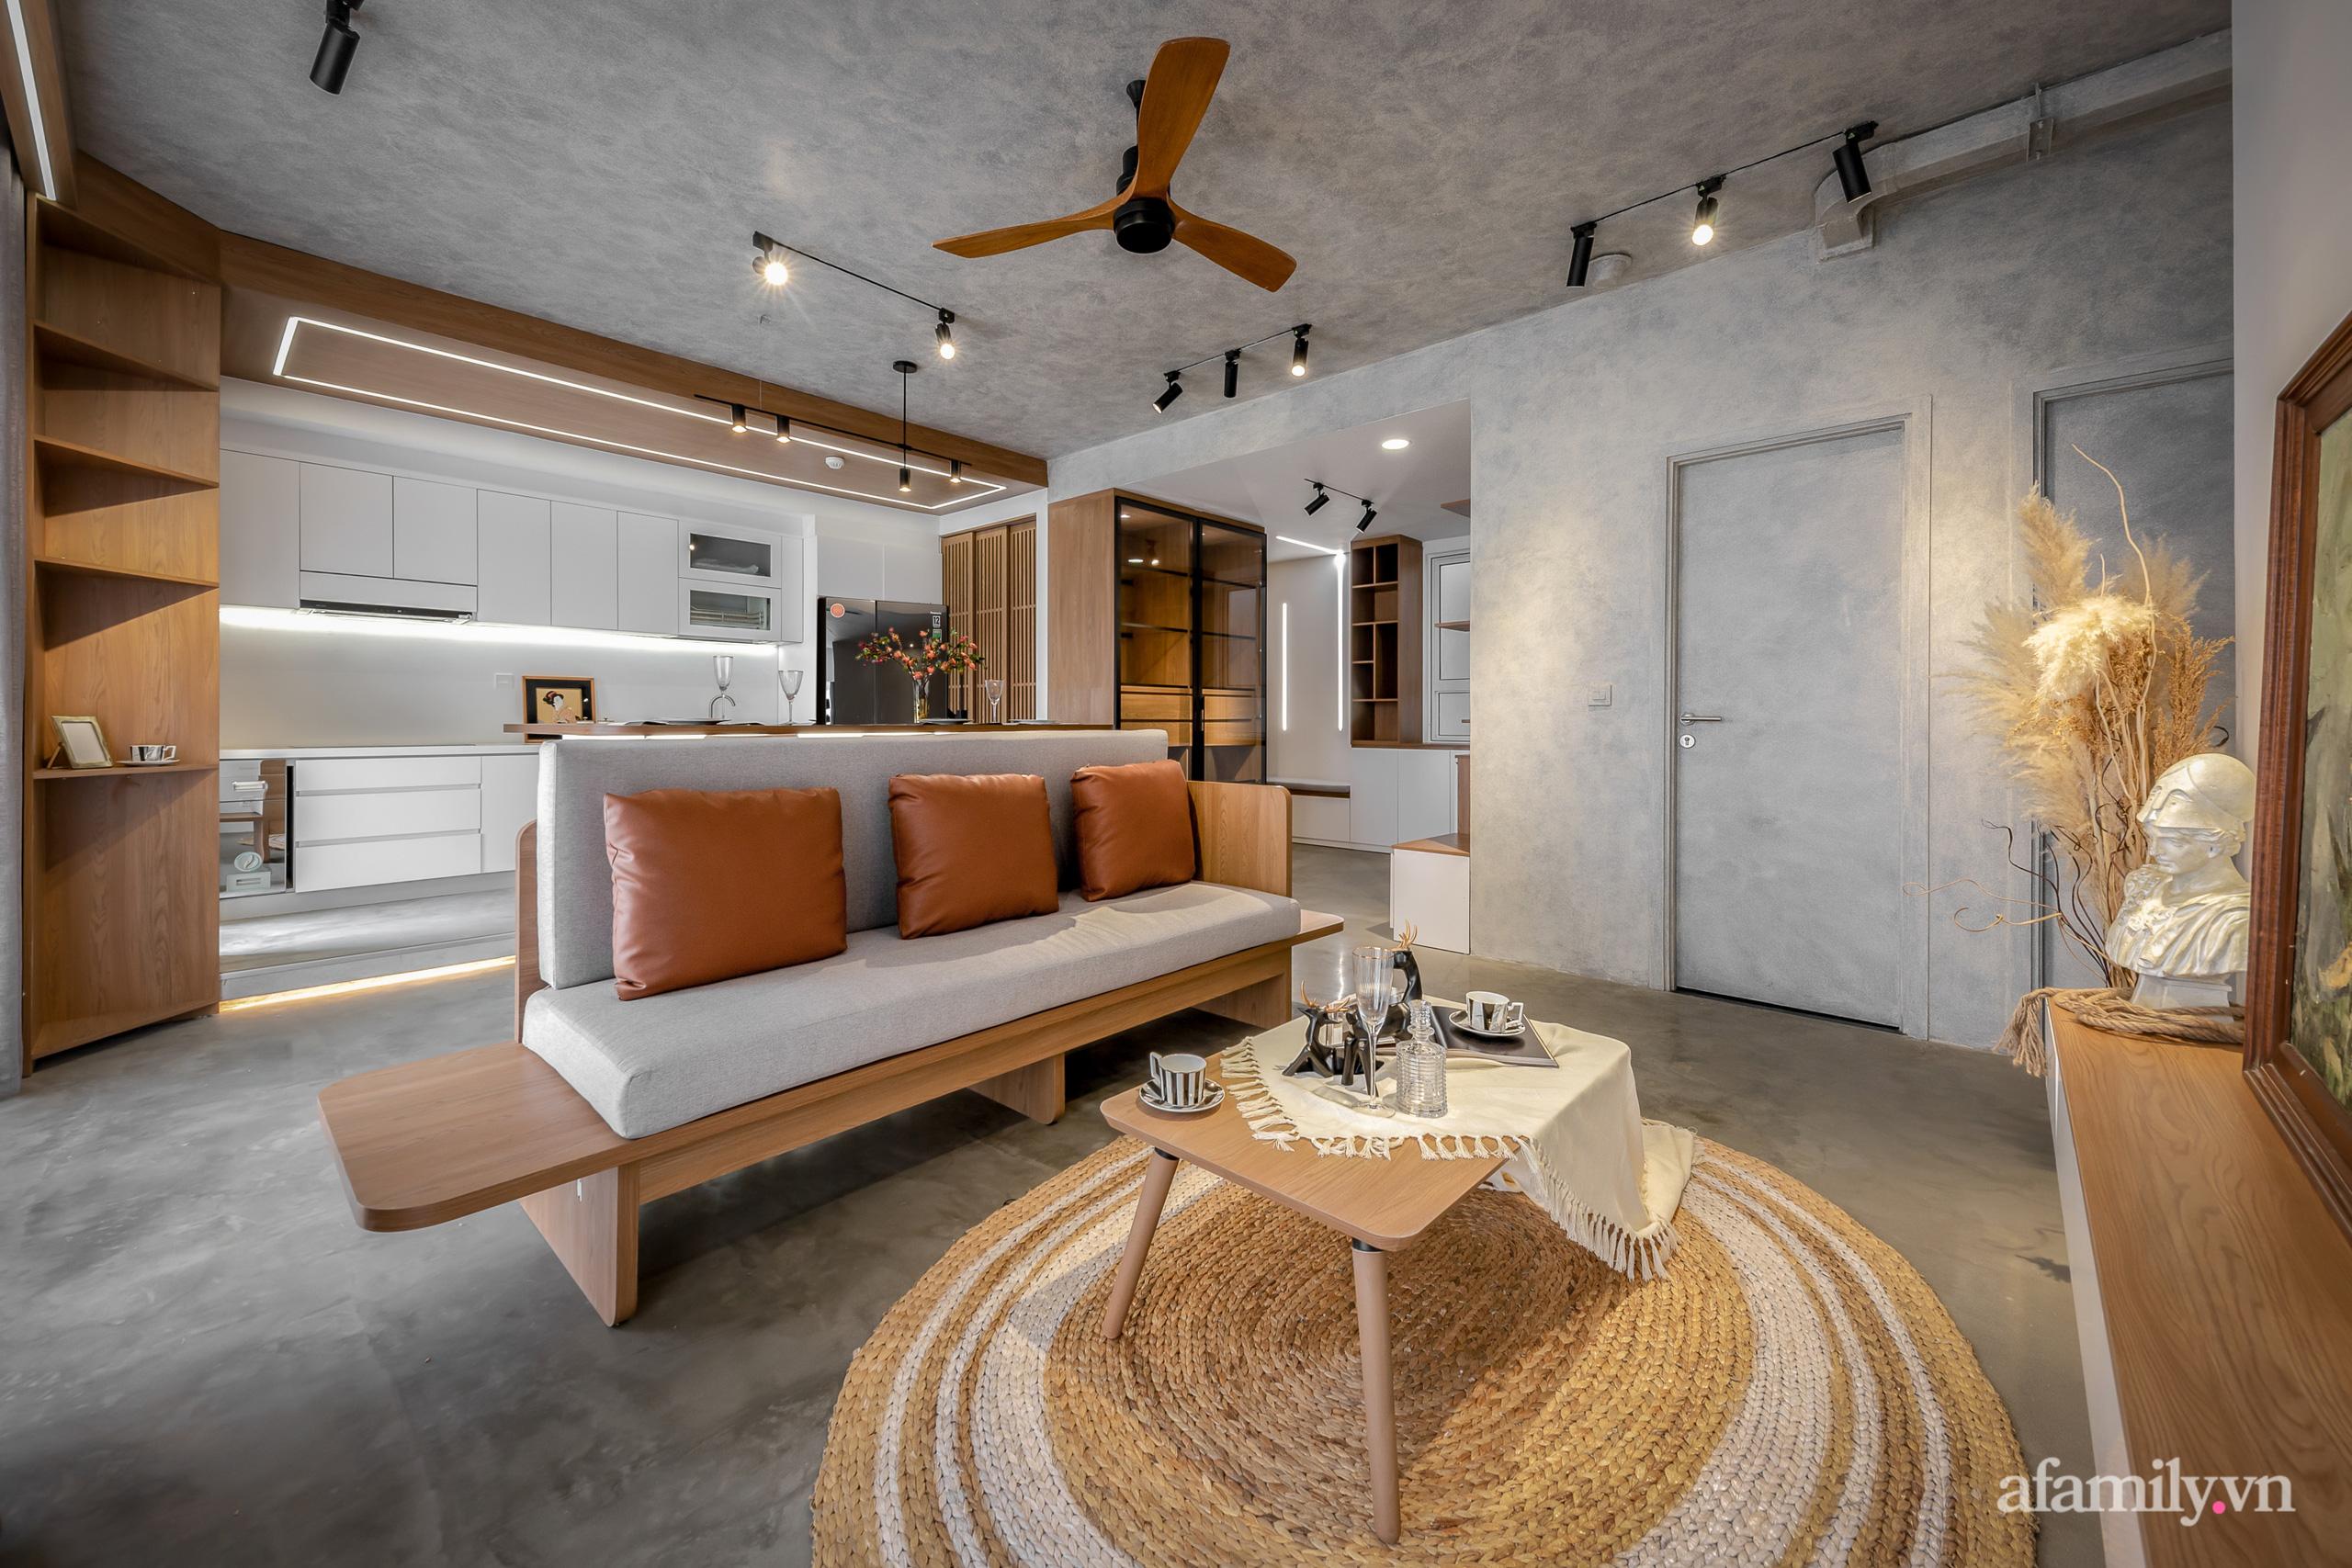 Căn hộ 106m² đẹp cá tính với hiệu ứng bê tông cùng phong cách tối giản có chi phí hoàn thiện 950 triệu đồng ở Sài Gòn - Ảnh 2.